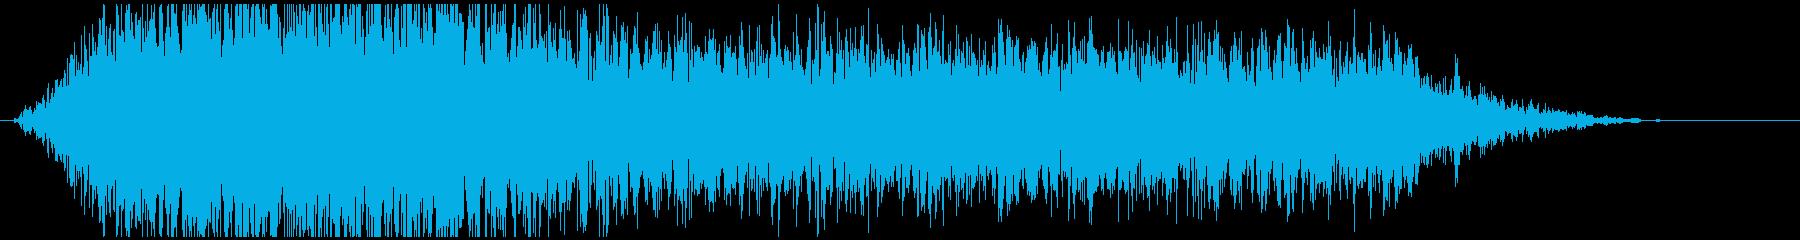 ドローン G ノイズロー01の再生済みの波形